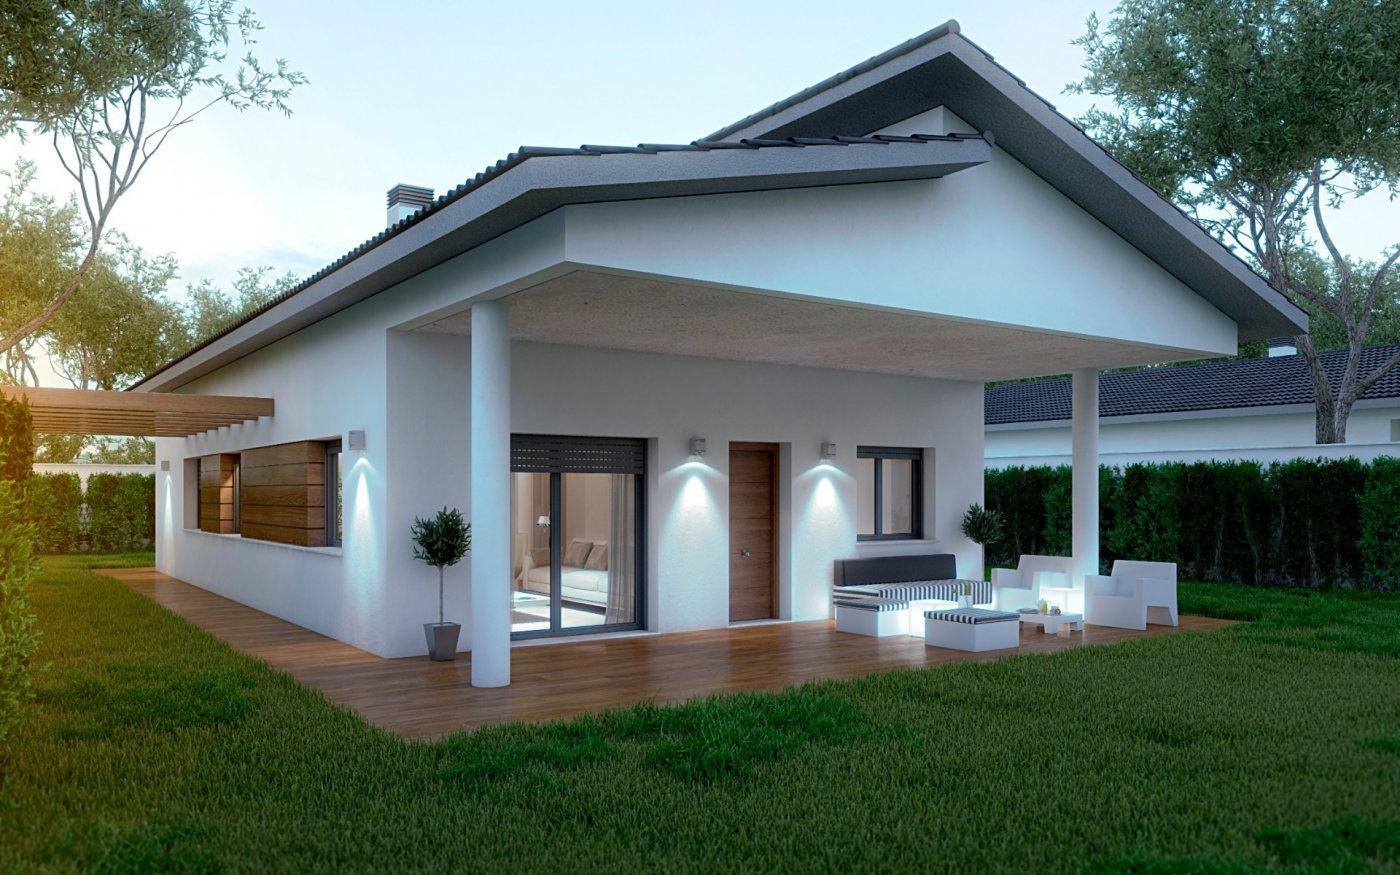 7 ya reservados ! ahora puedes vivir en una casa sin escaleras, con parcela, opción a pisc - imagenInmueble5